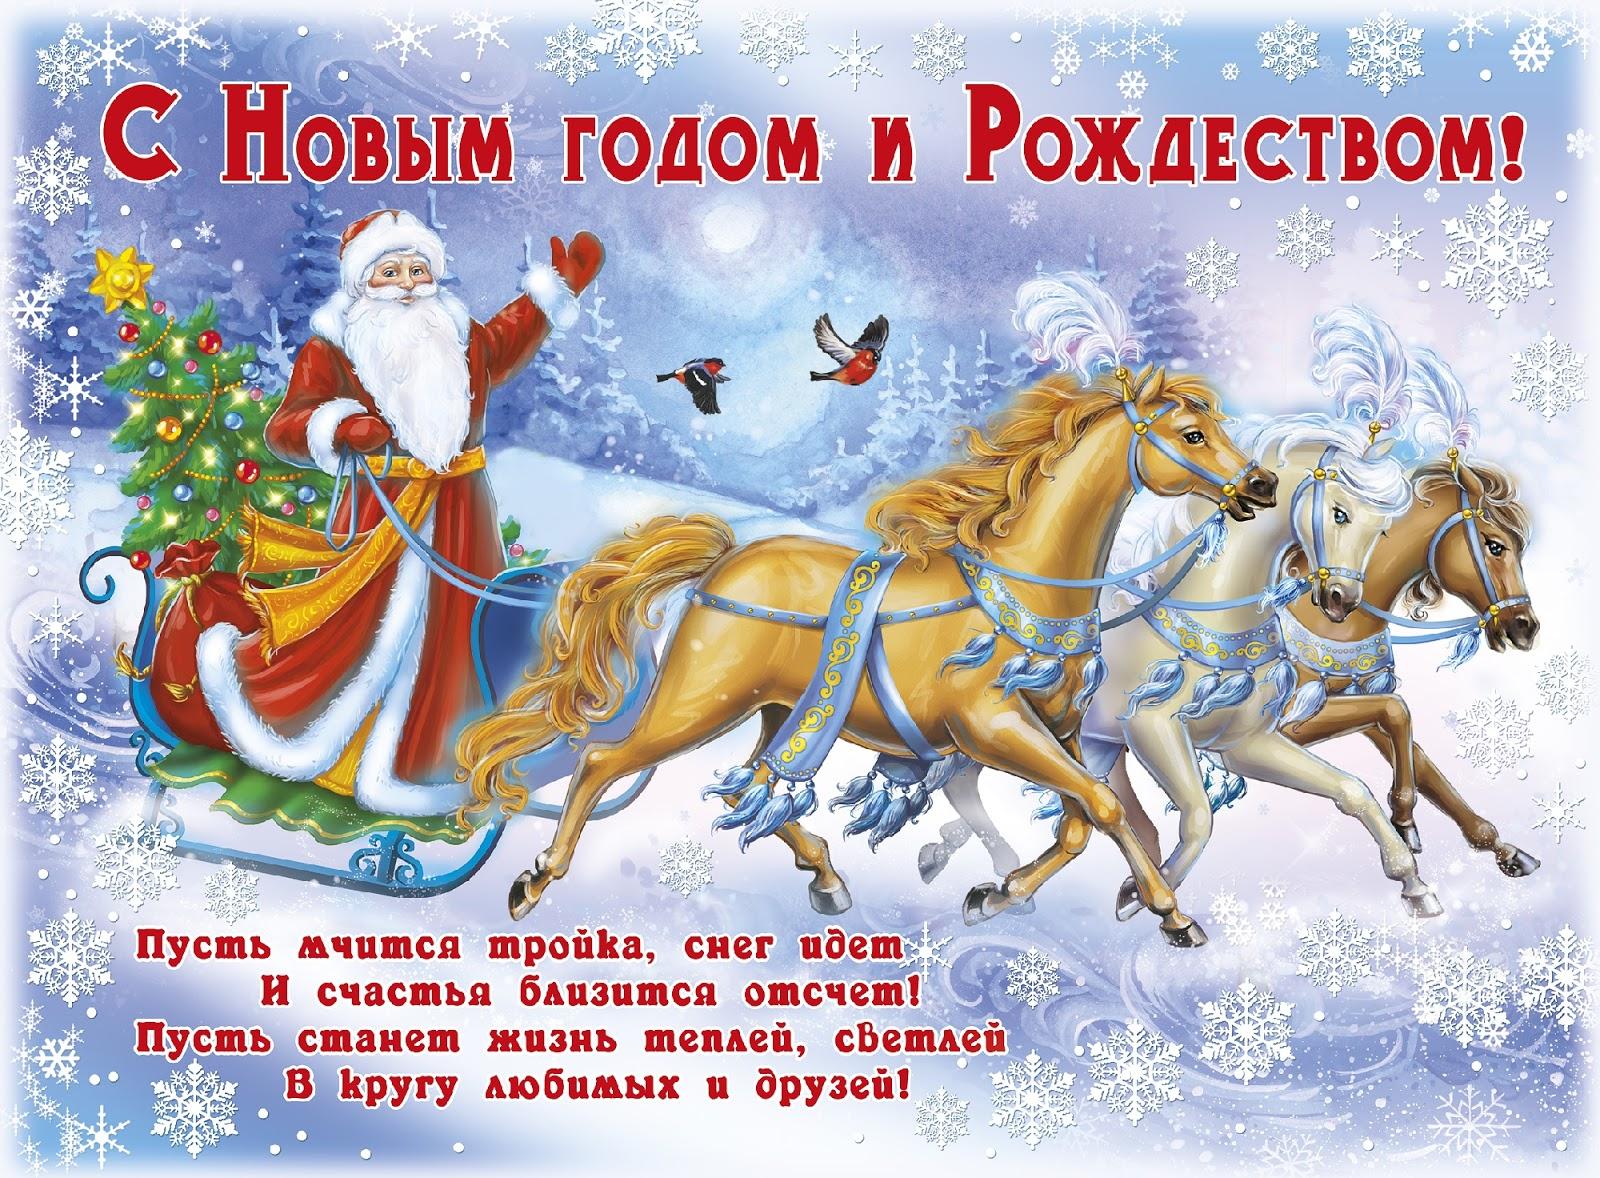 Выпускной, открытки с новым годом и рождеством 2019